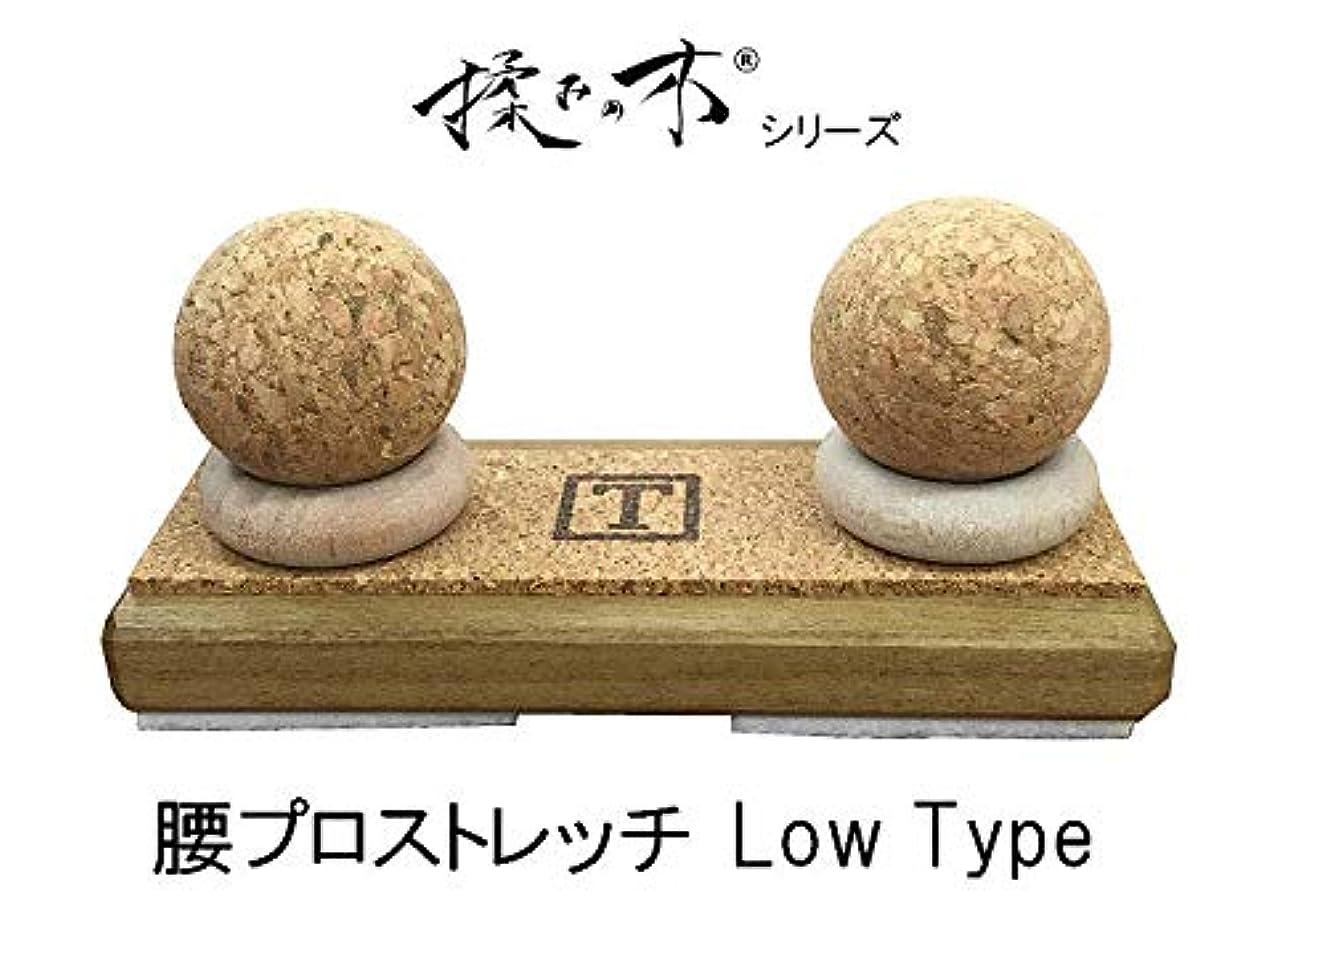 特権的組み込む年金受給者『揉みの木シリーズ 腰プロストレッチ Low Type』つぼ押しマッサージ器 背中下部 腰 セルフメンテナンスを強力にサポート